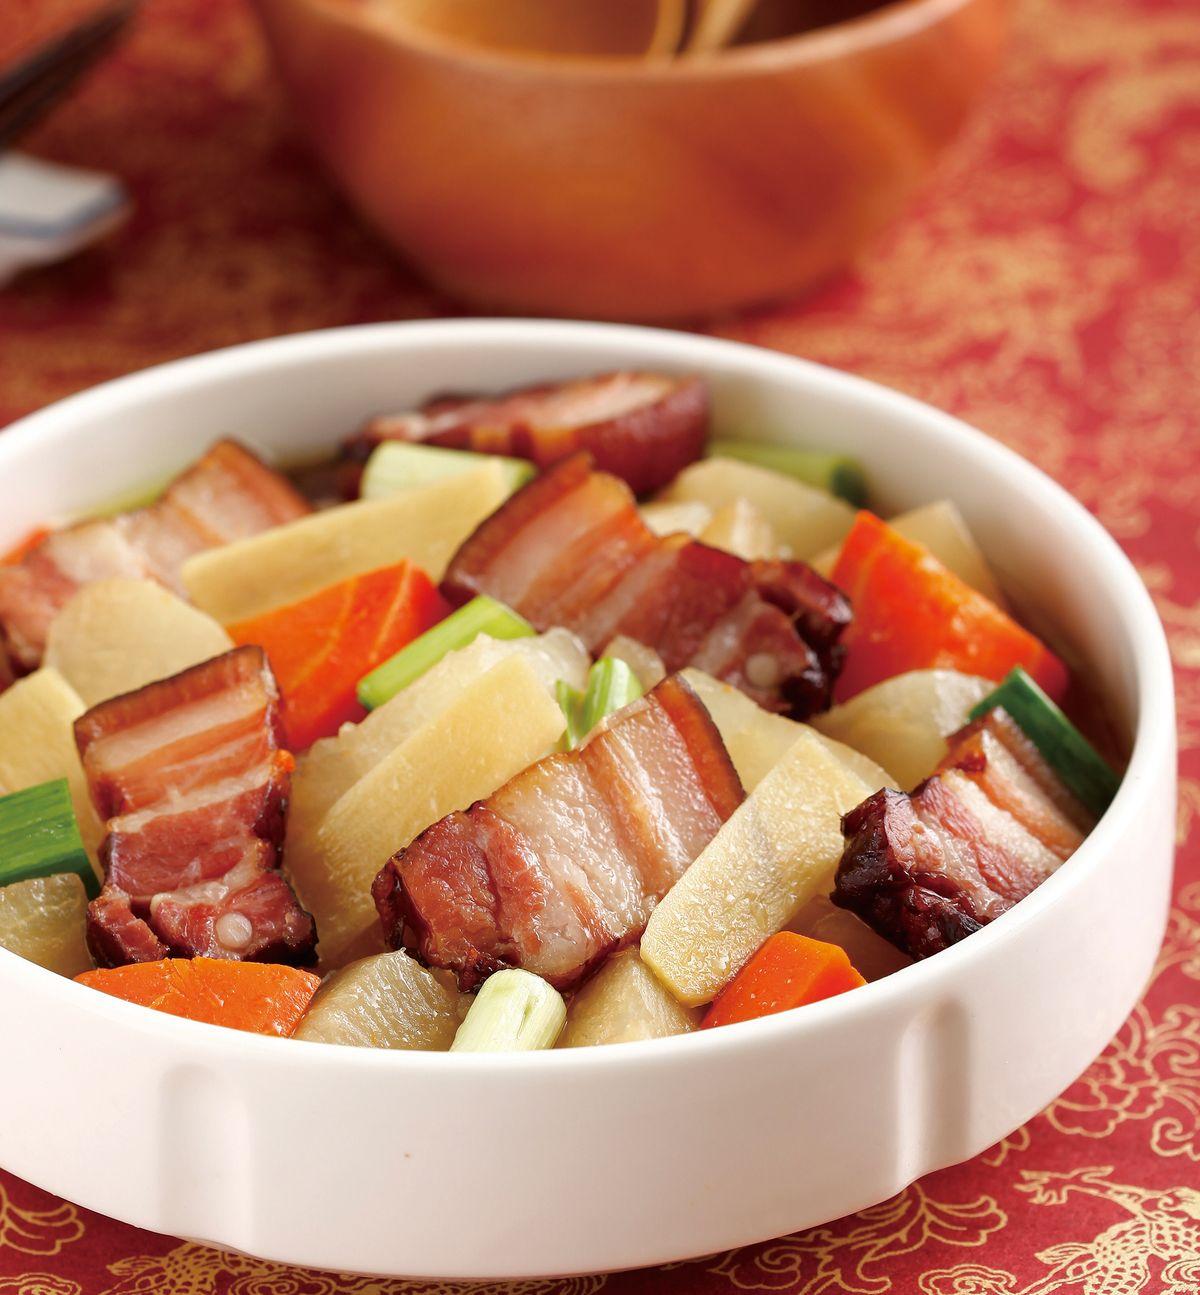 食譜:臘肉燉蘿蔔